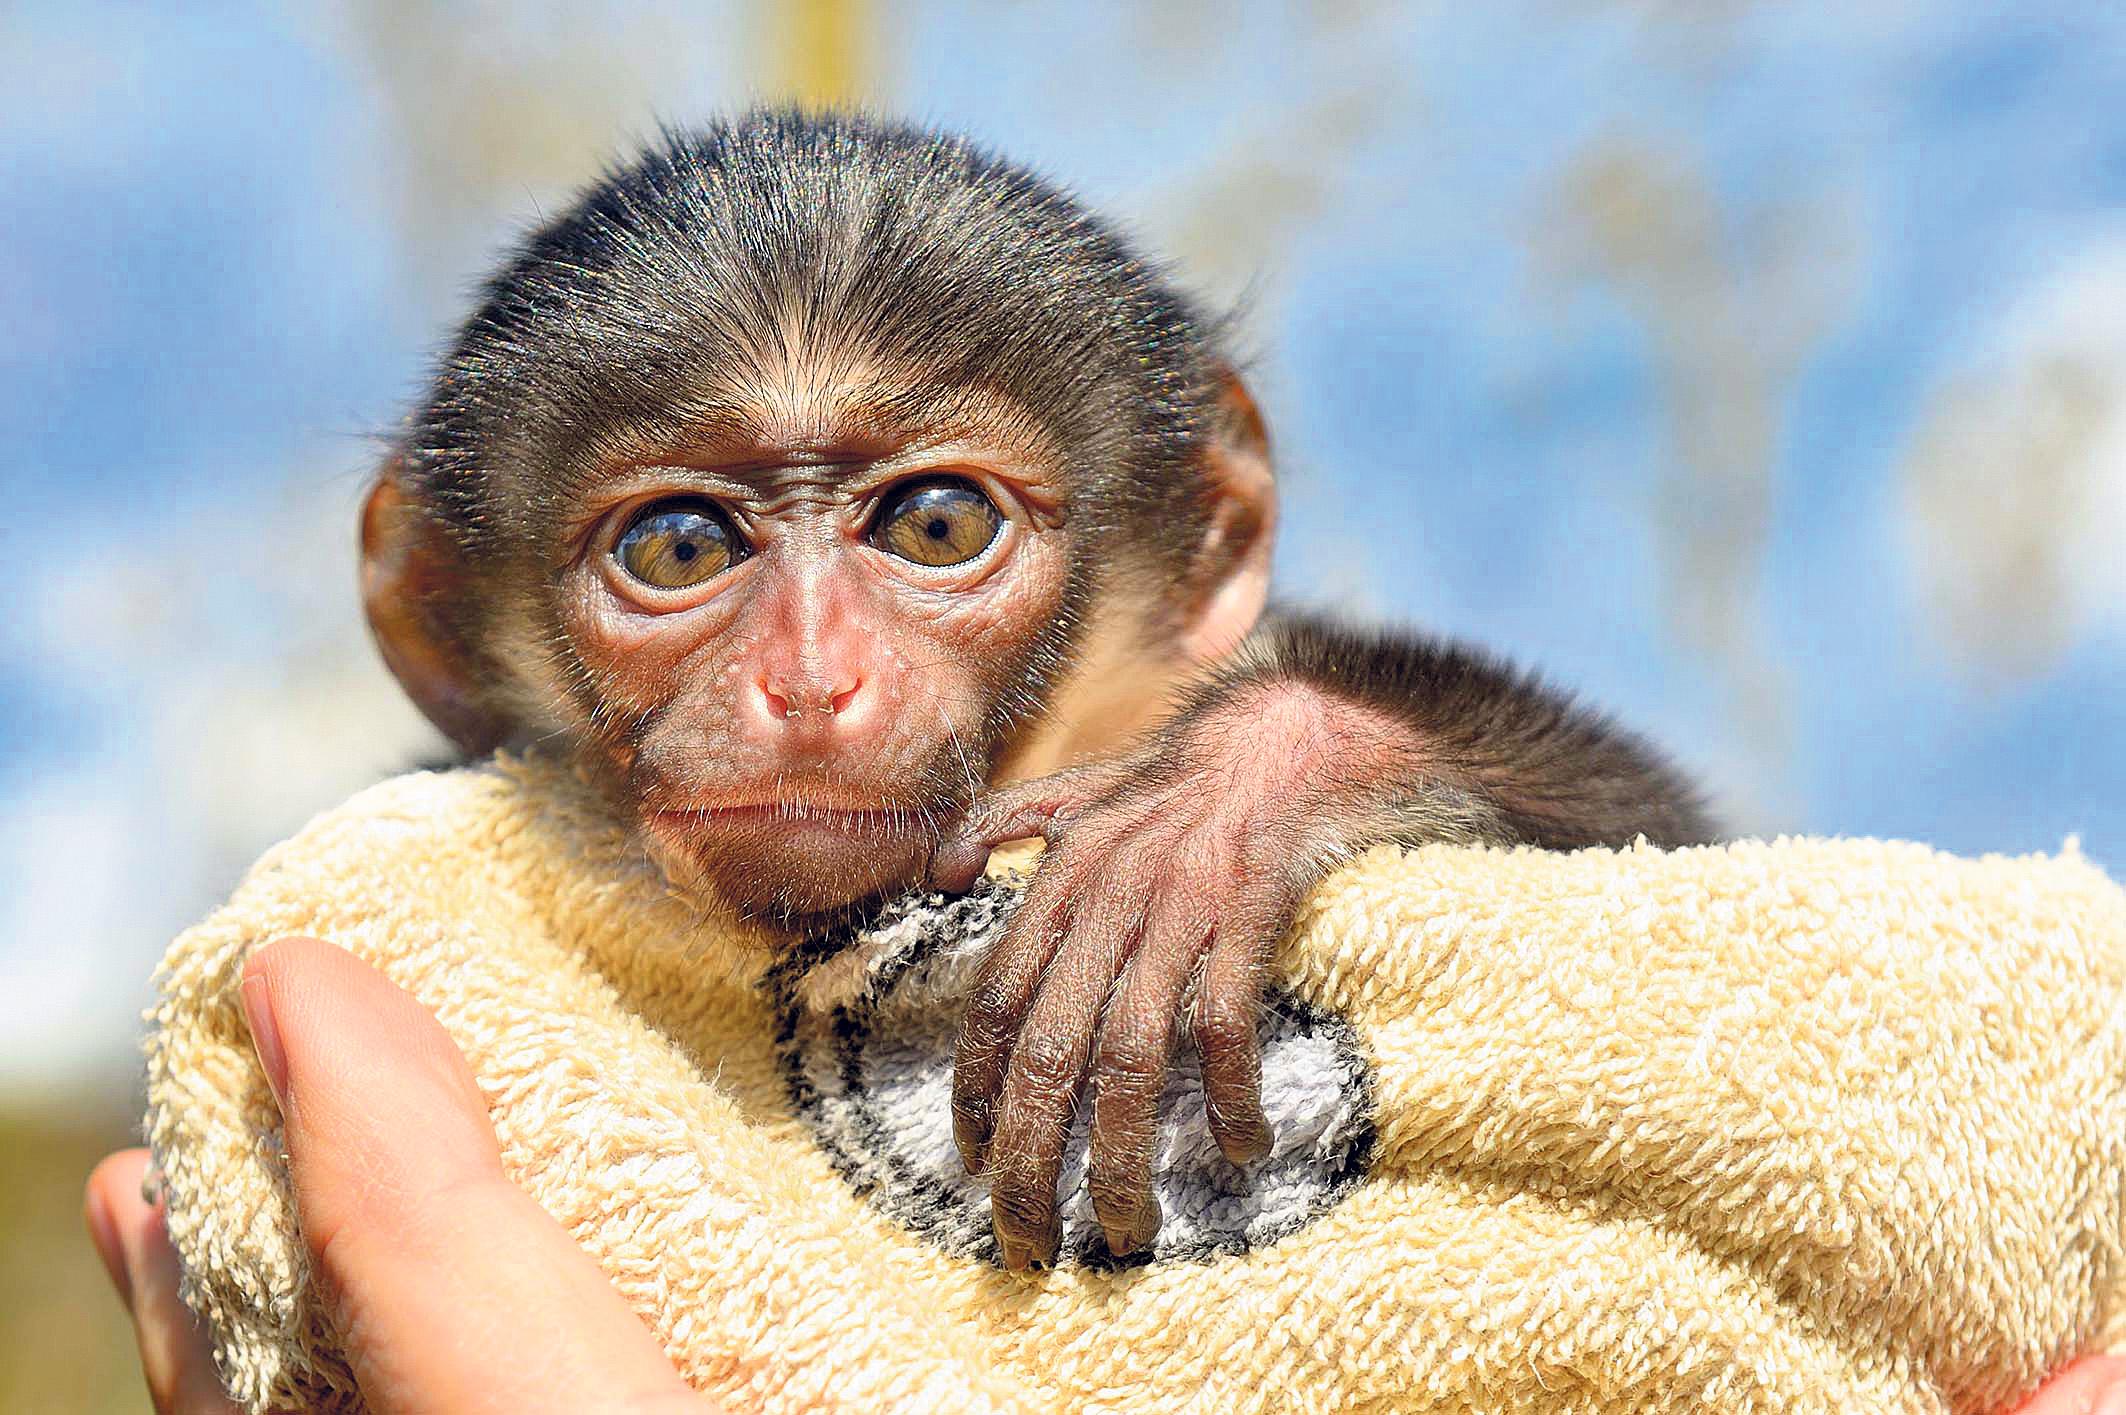 Gebt dem Affen einen Namen!